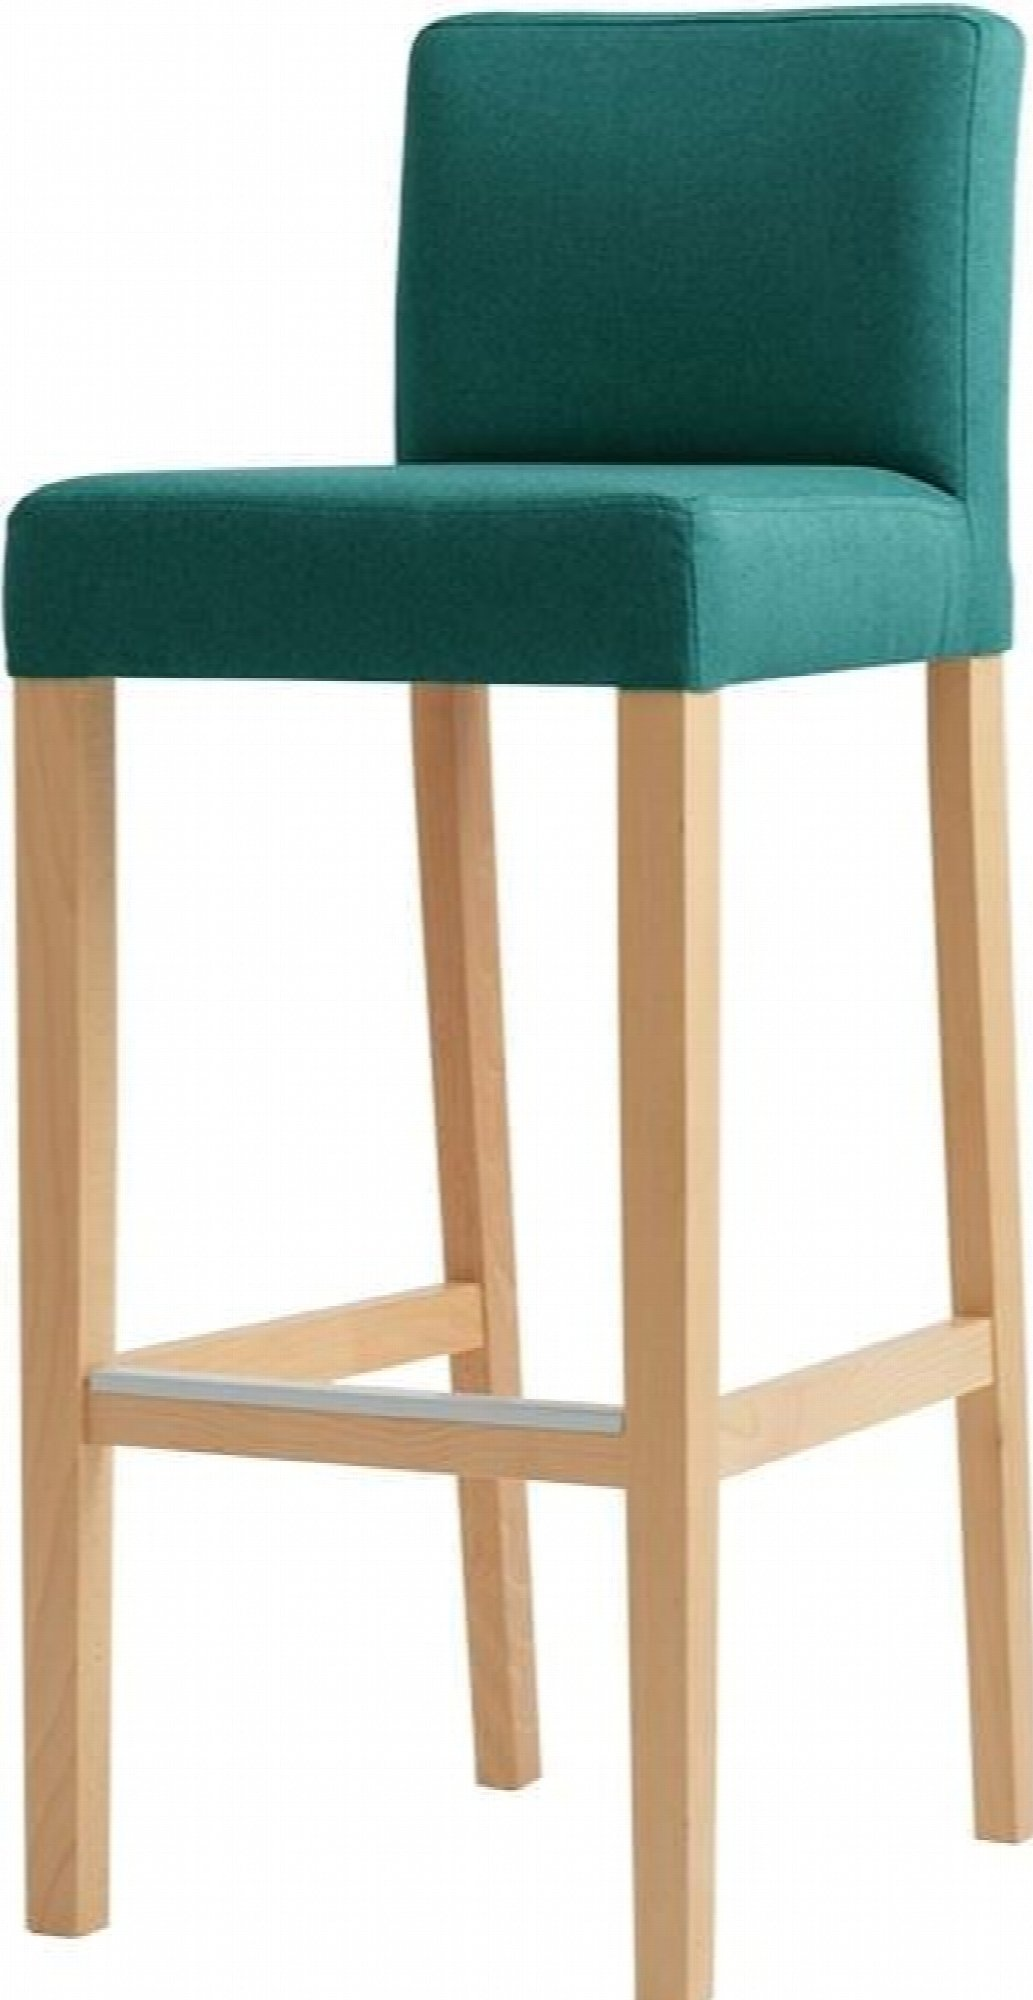 maison du monde Chaise de bar tissu rembourrée vert pieds bois massif clair